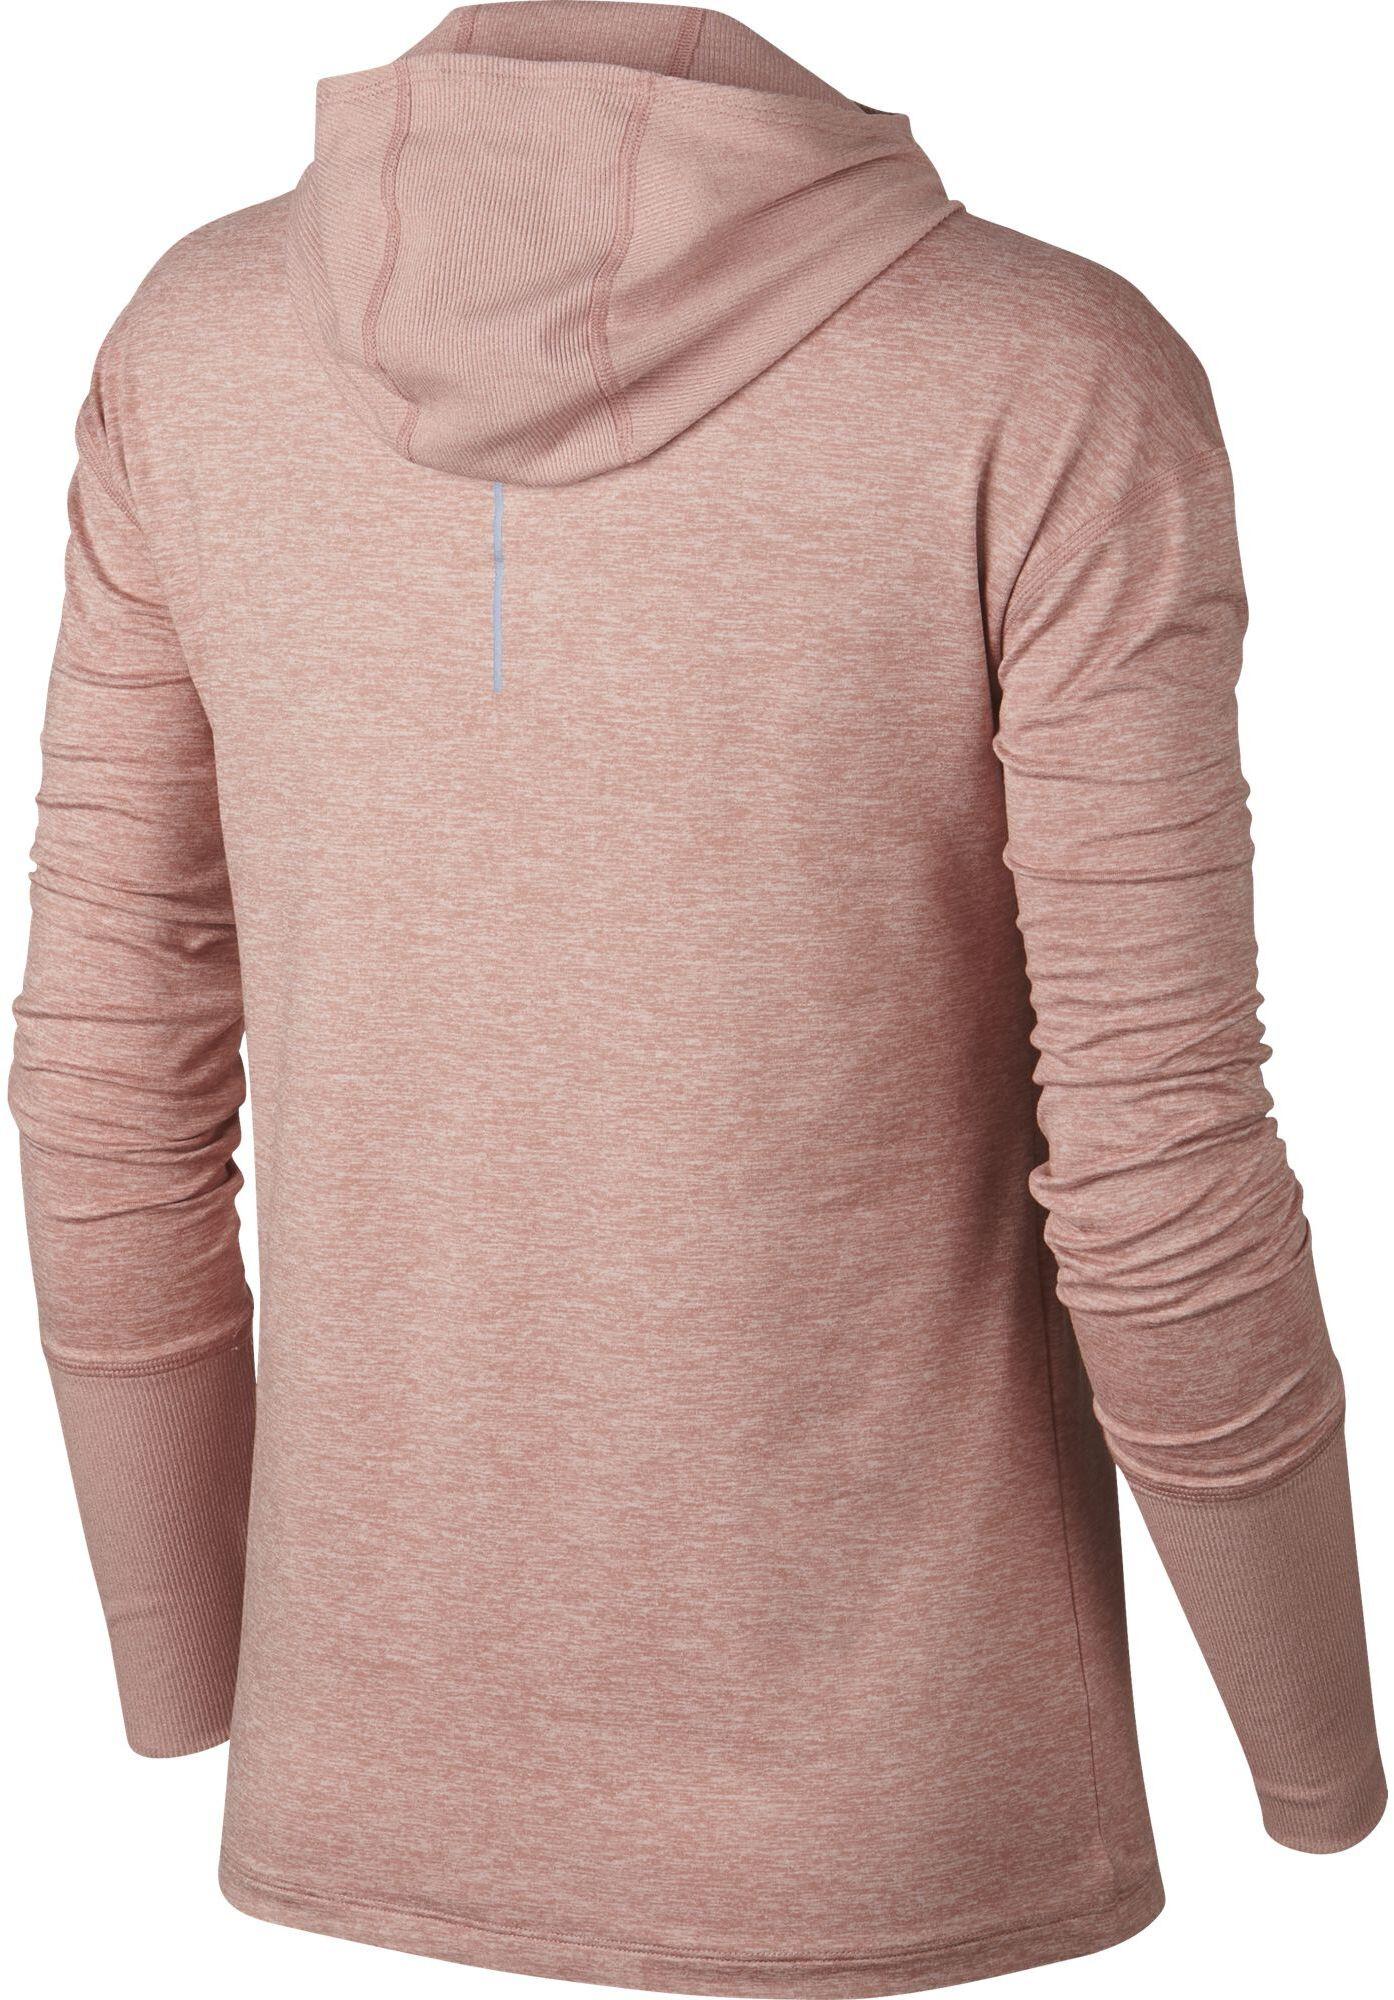 e2491c94d97 Nike Element Hardloopshirt lange mouwen Dames roze I Online op ...